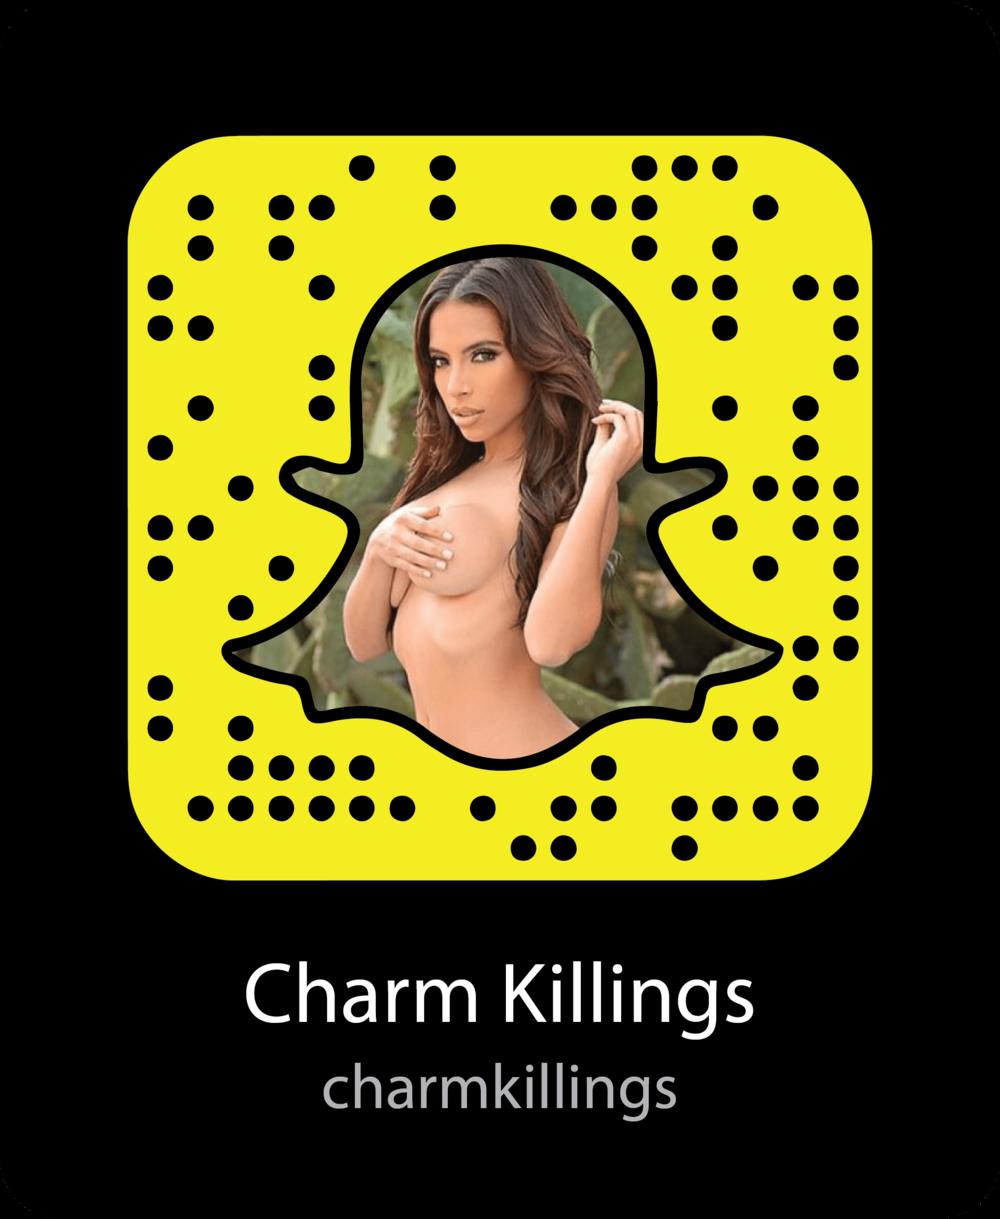 charm-killings-sexy-snapchat-snapcode